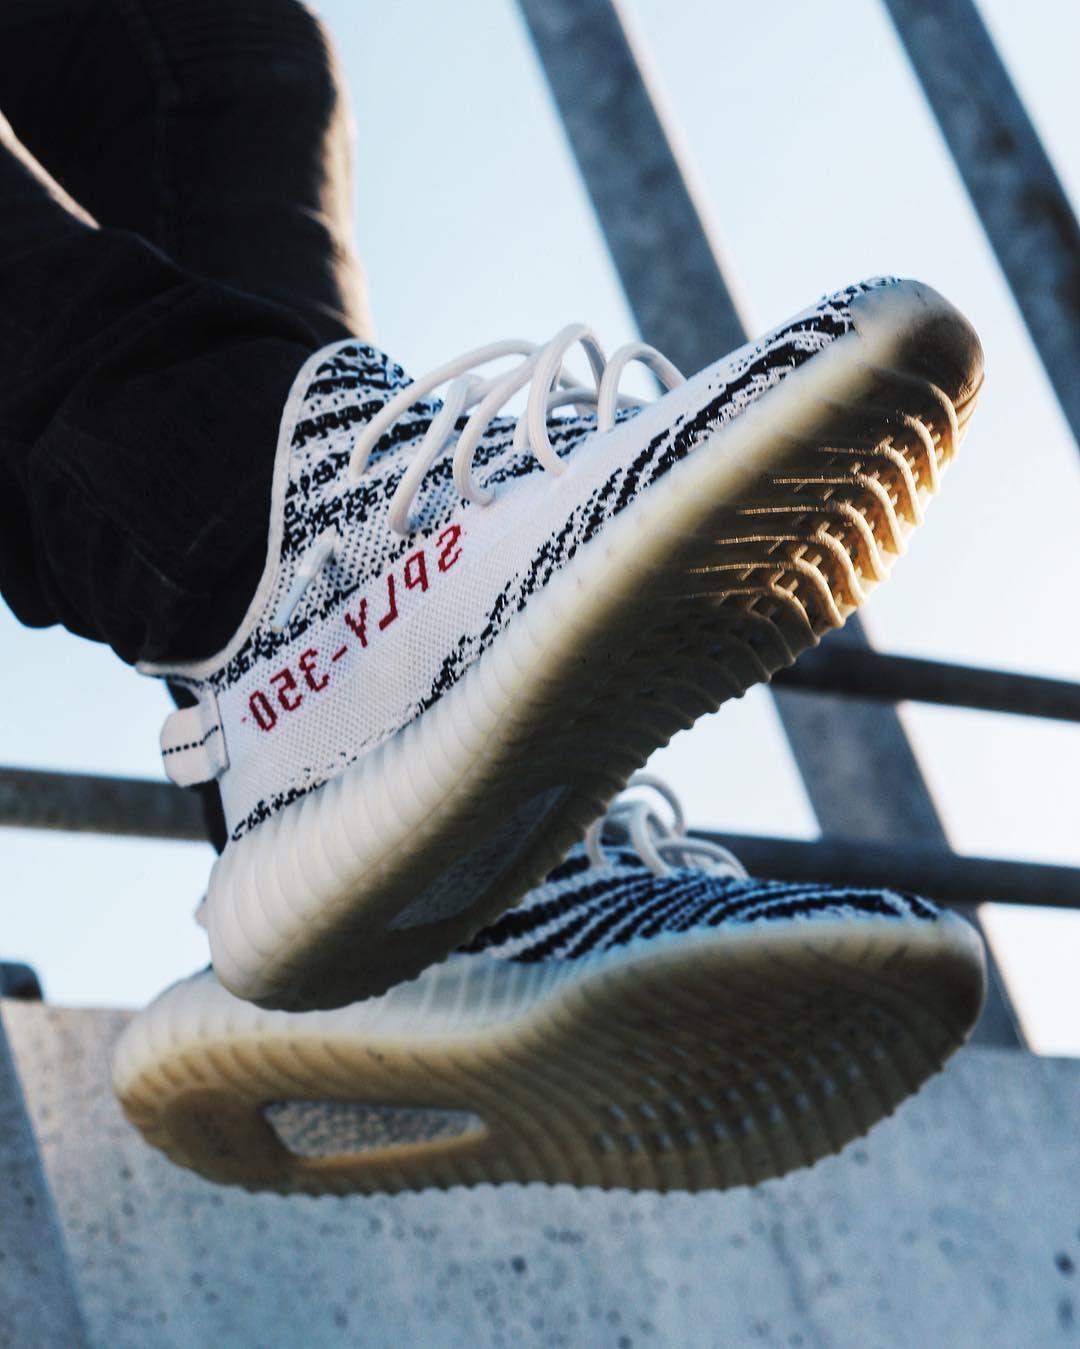 whiteoptix  adidas yeezy boost 350 v2 zebra sneaker